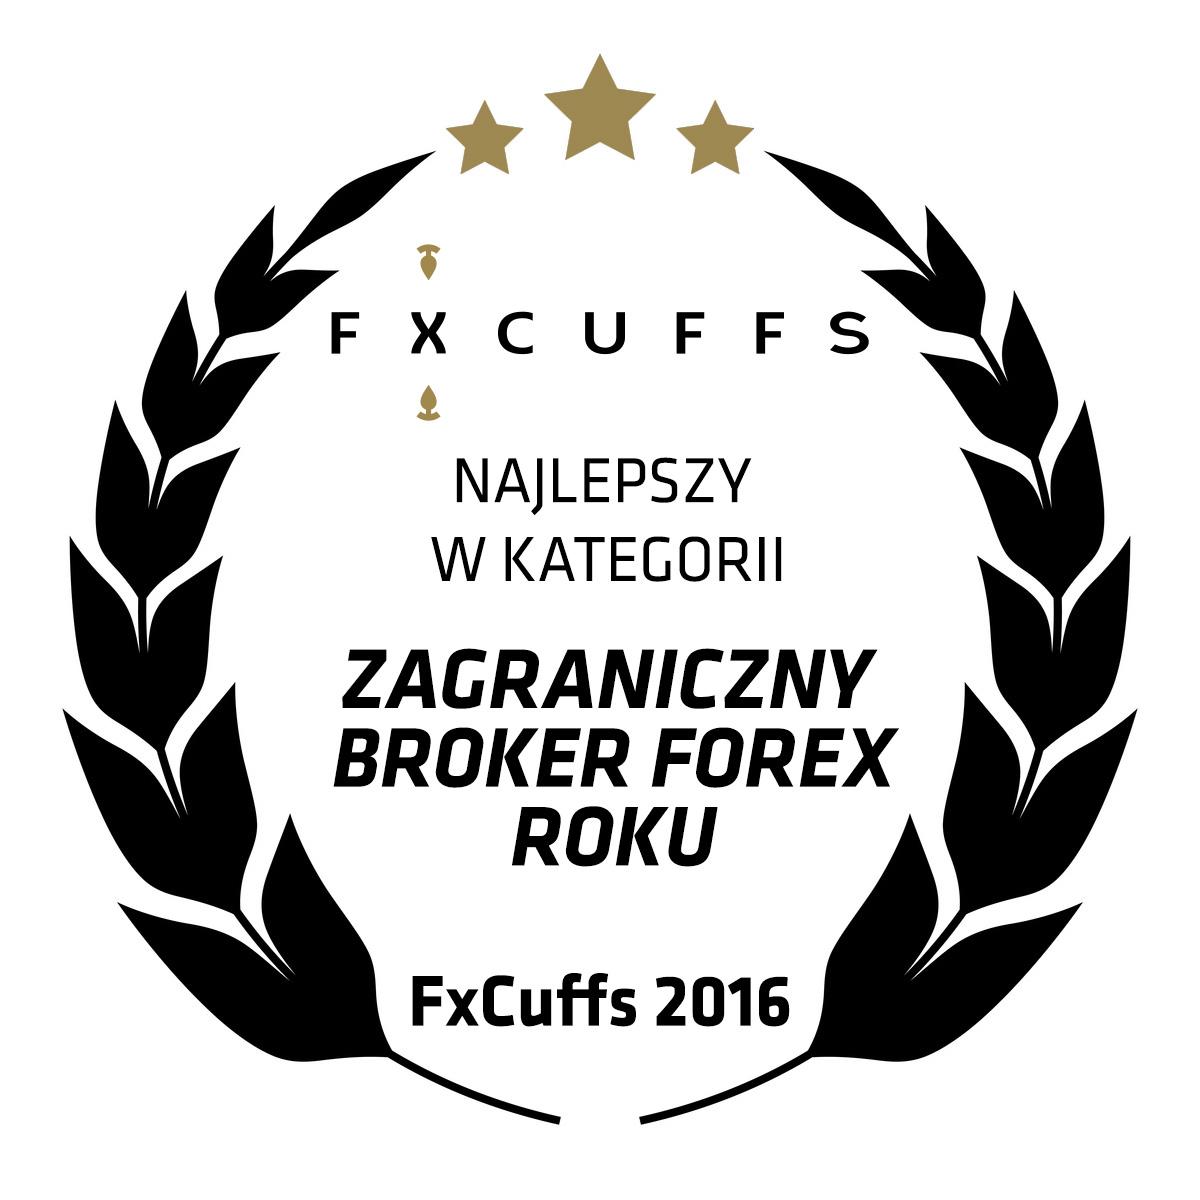 Nagroda FxCuffs dla Najlepszego Zagranicznego Brokera Forex w 2016 roku